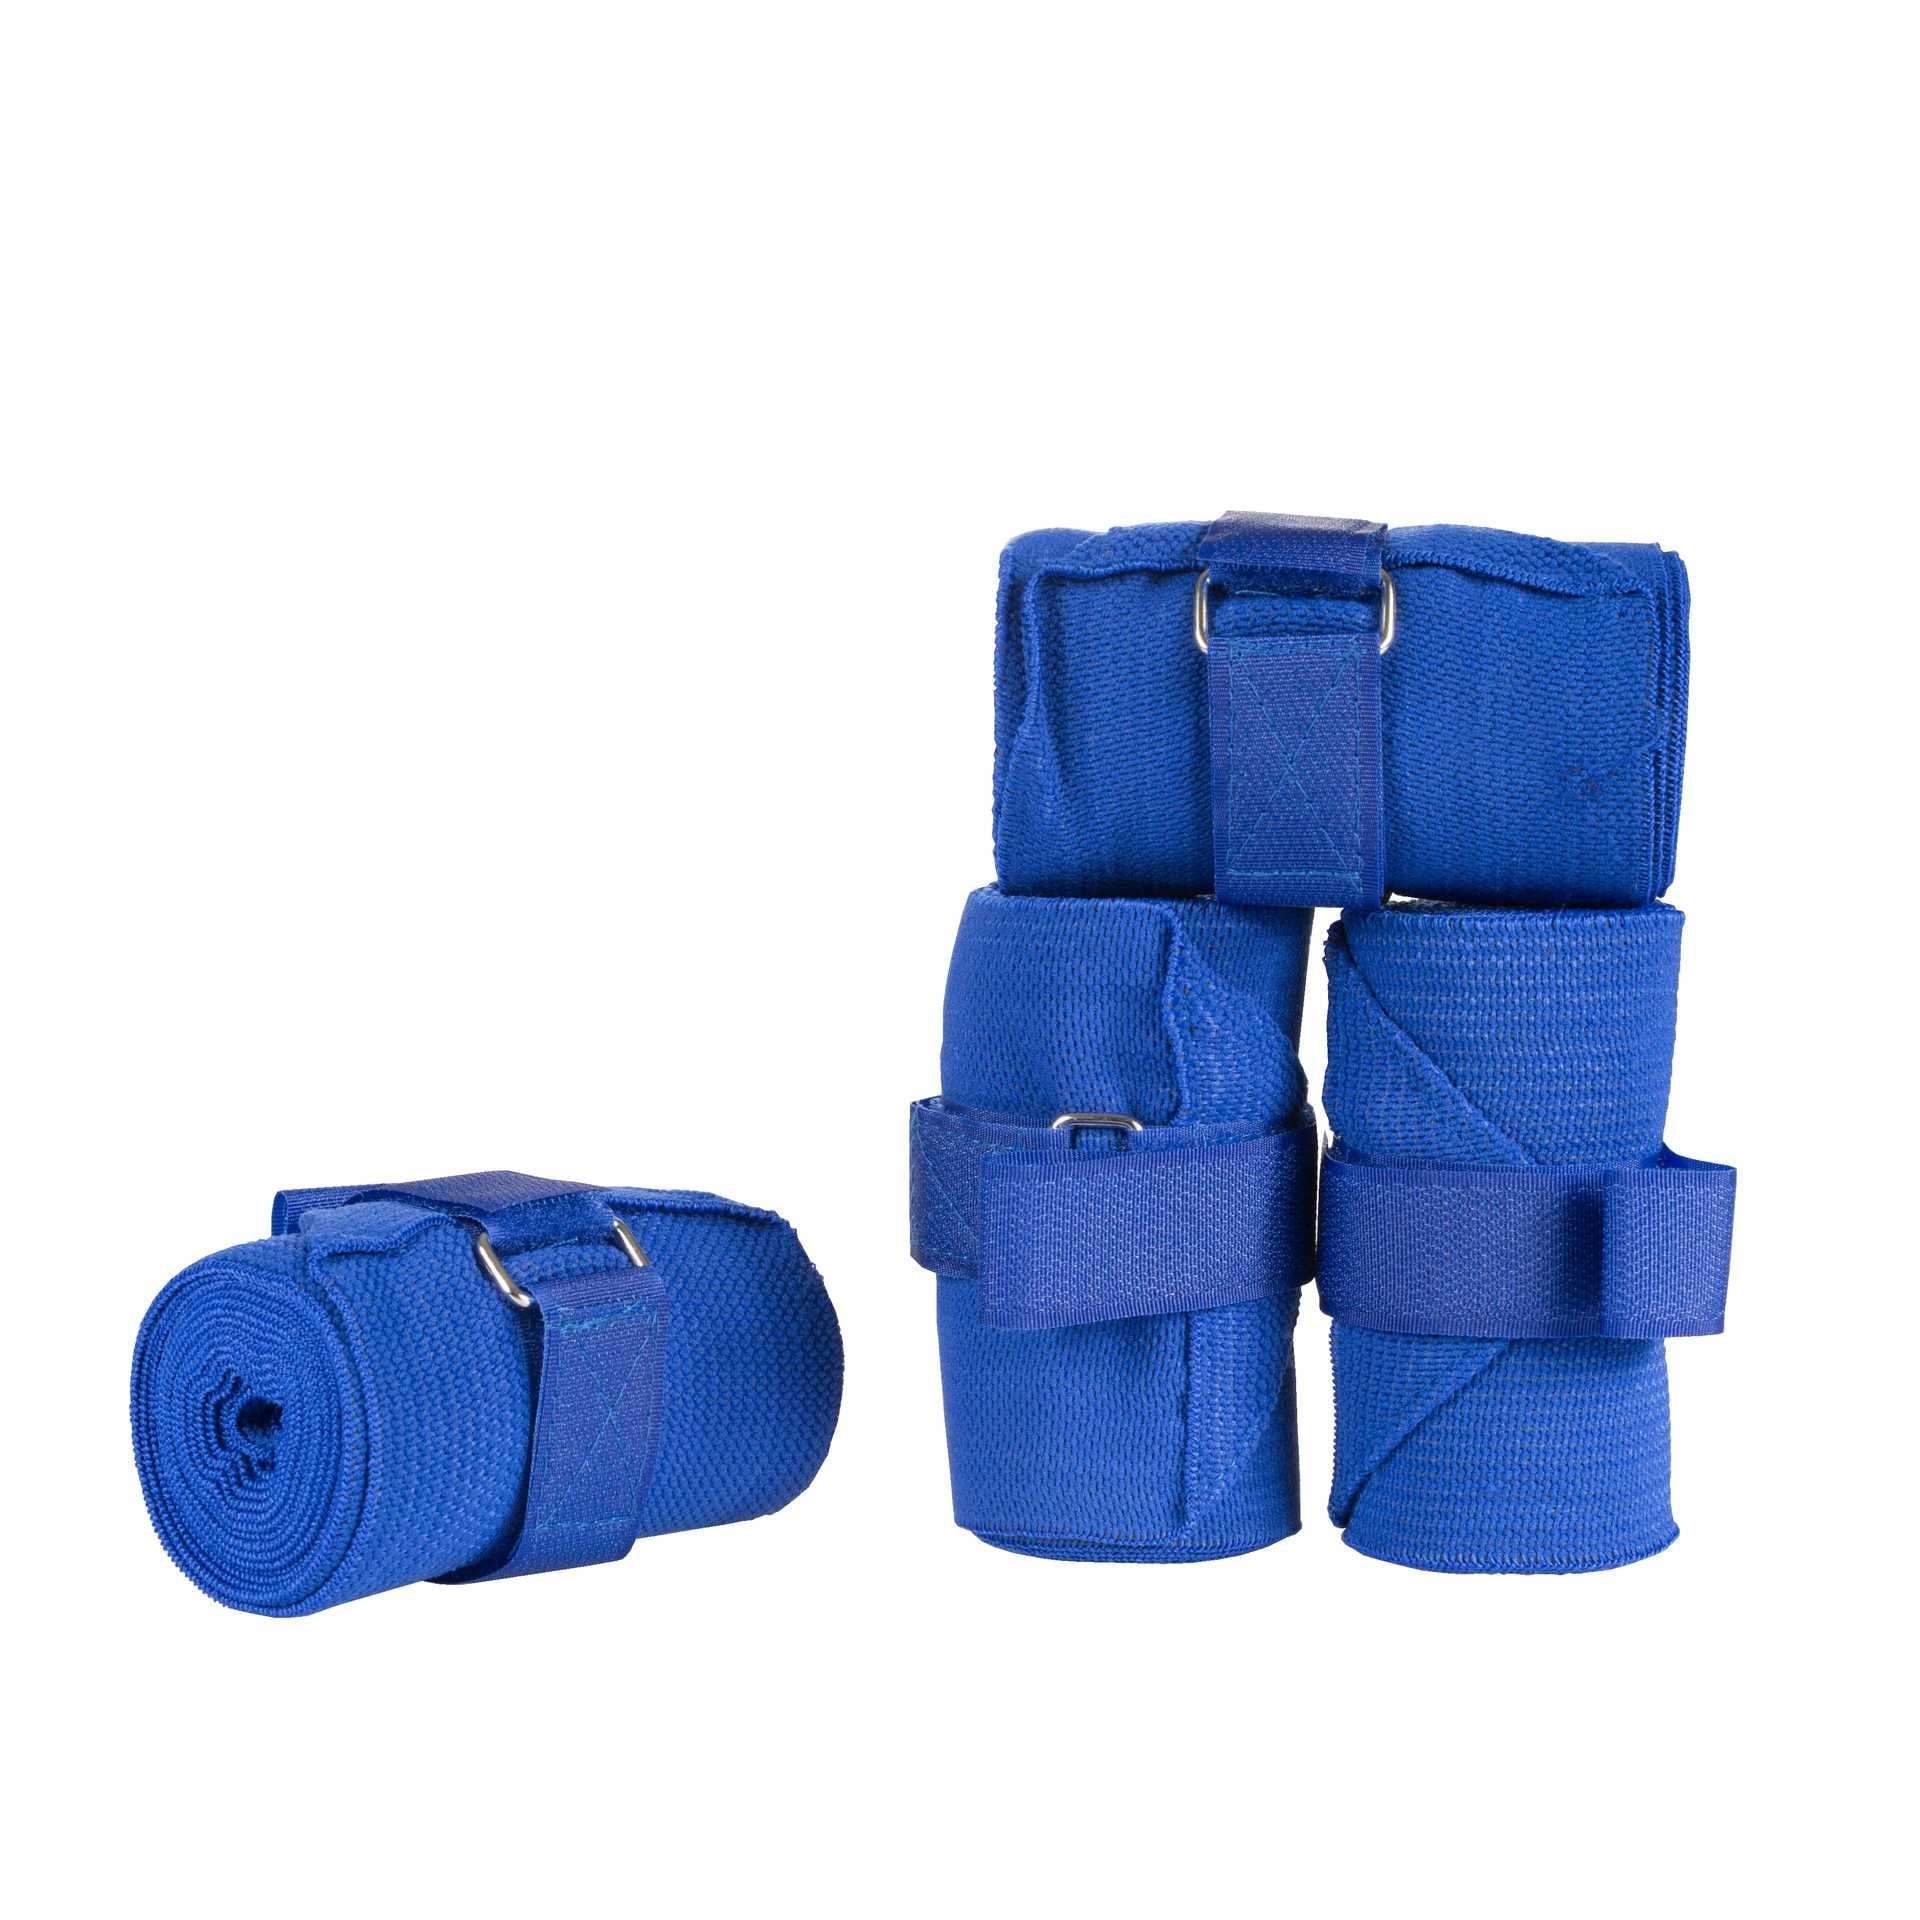 Pro elastiske bandasjer